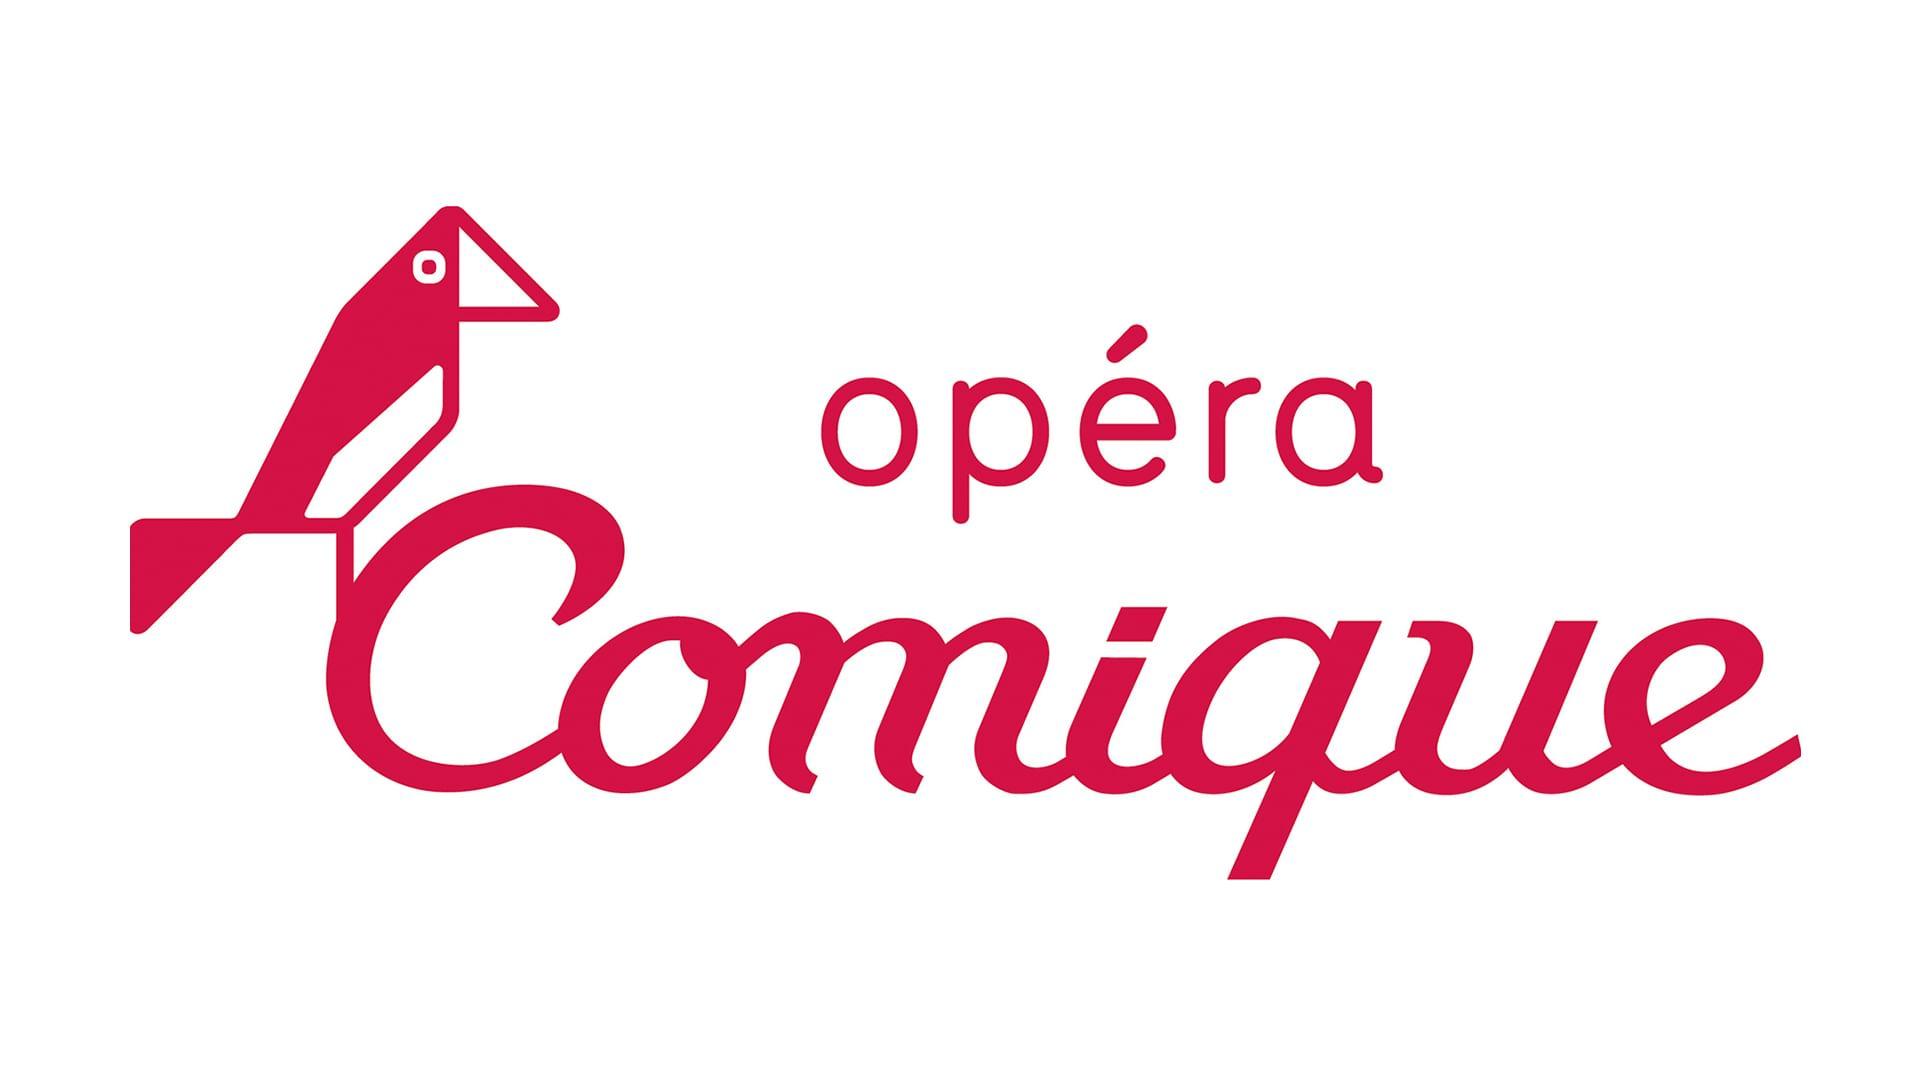 Opéra Comique